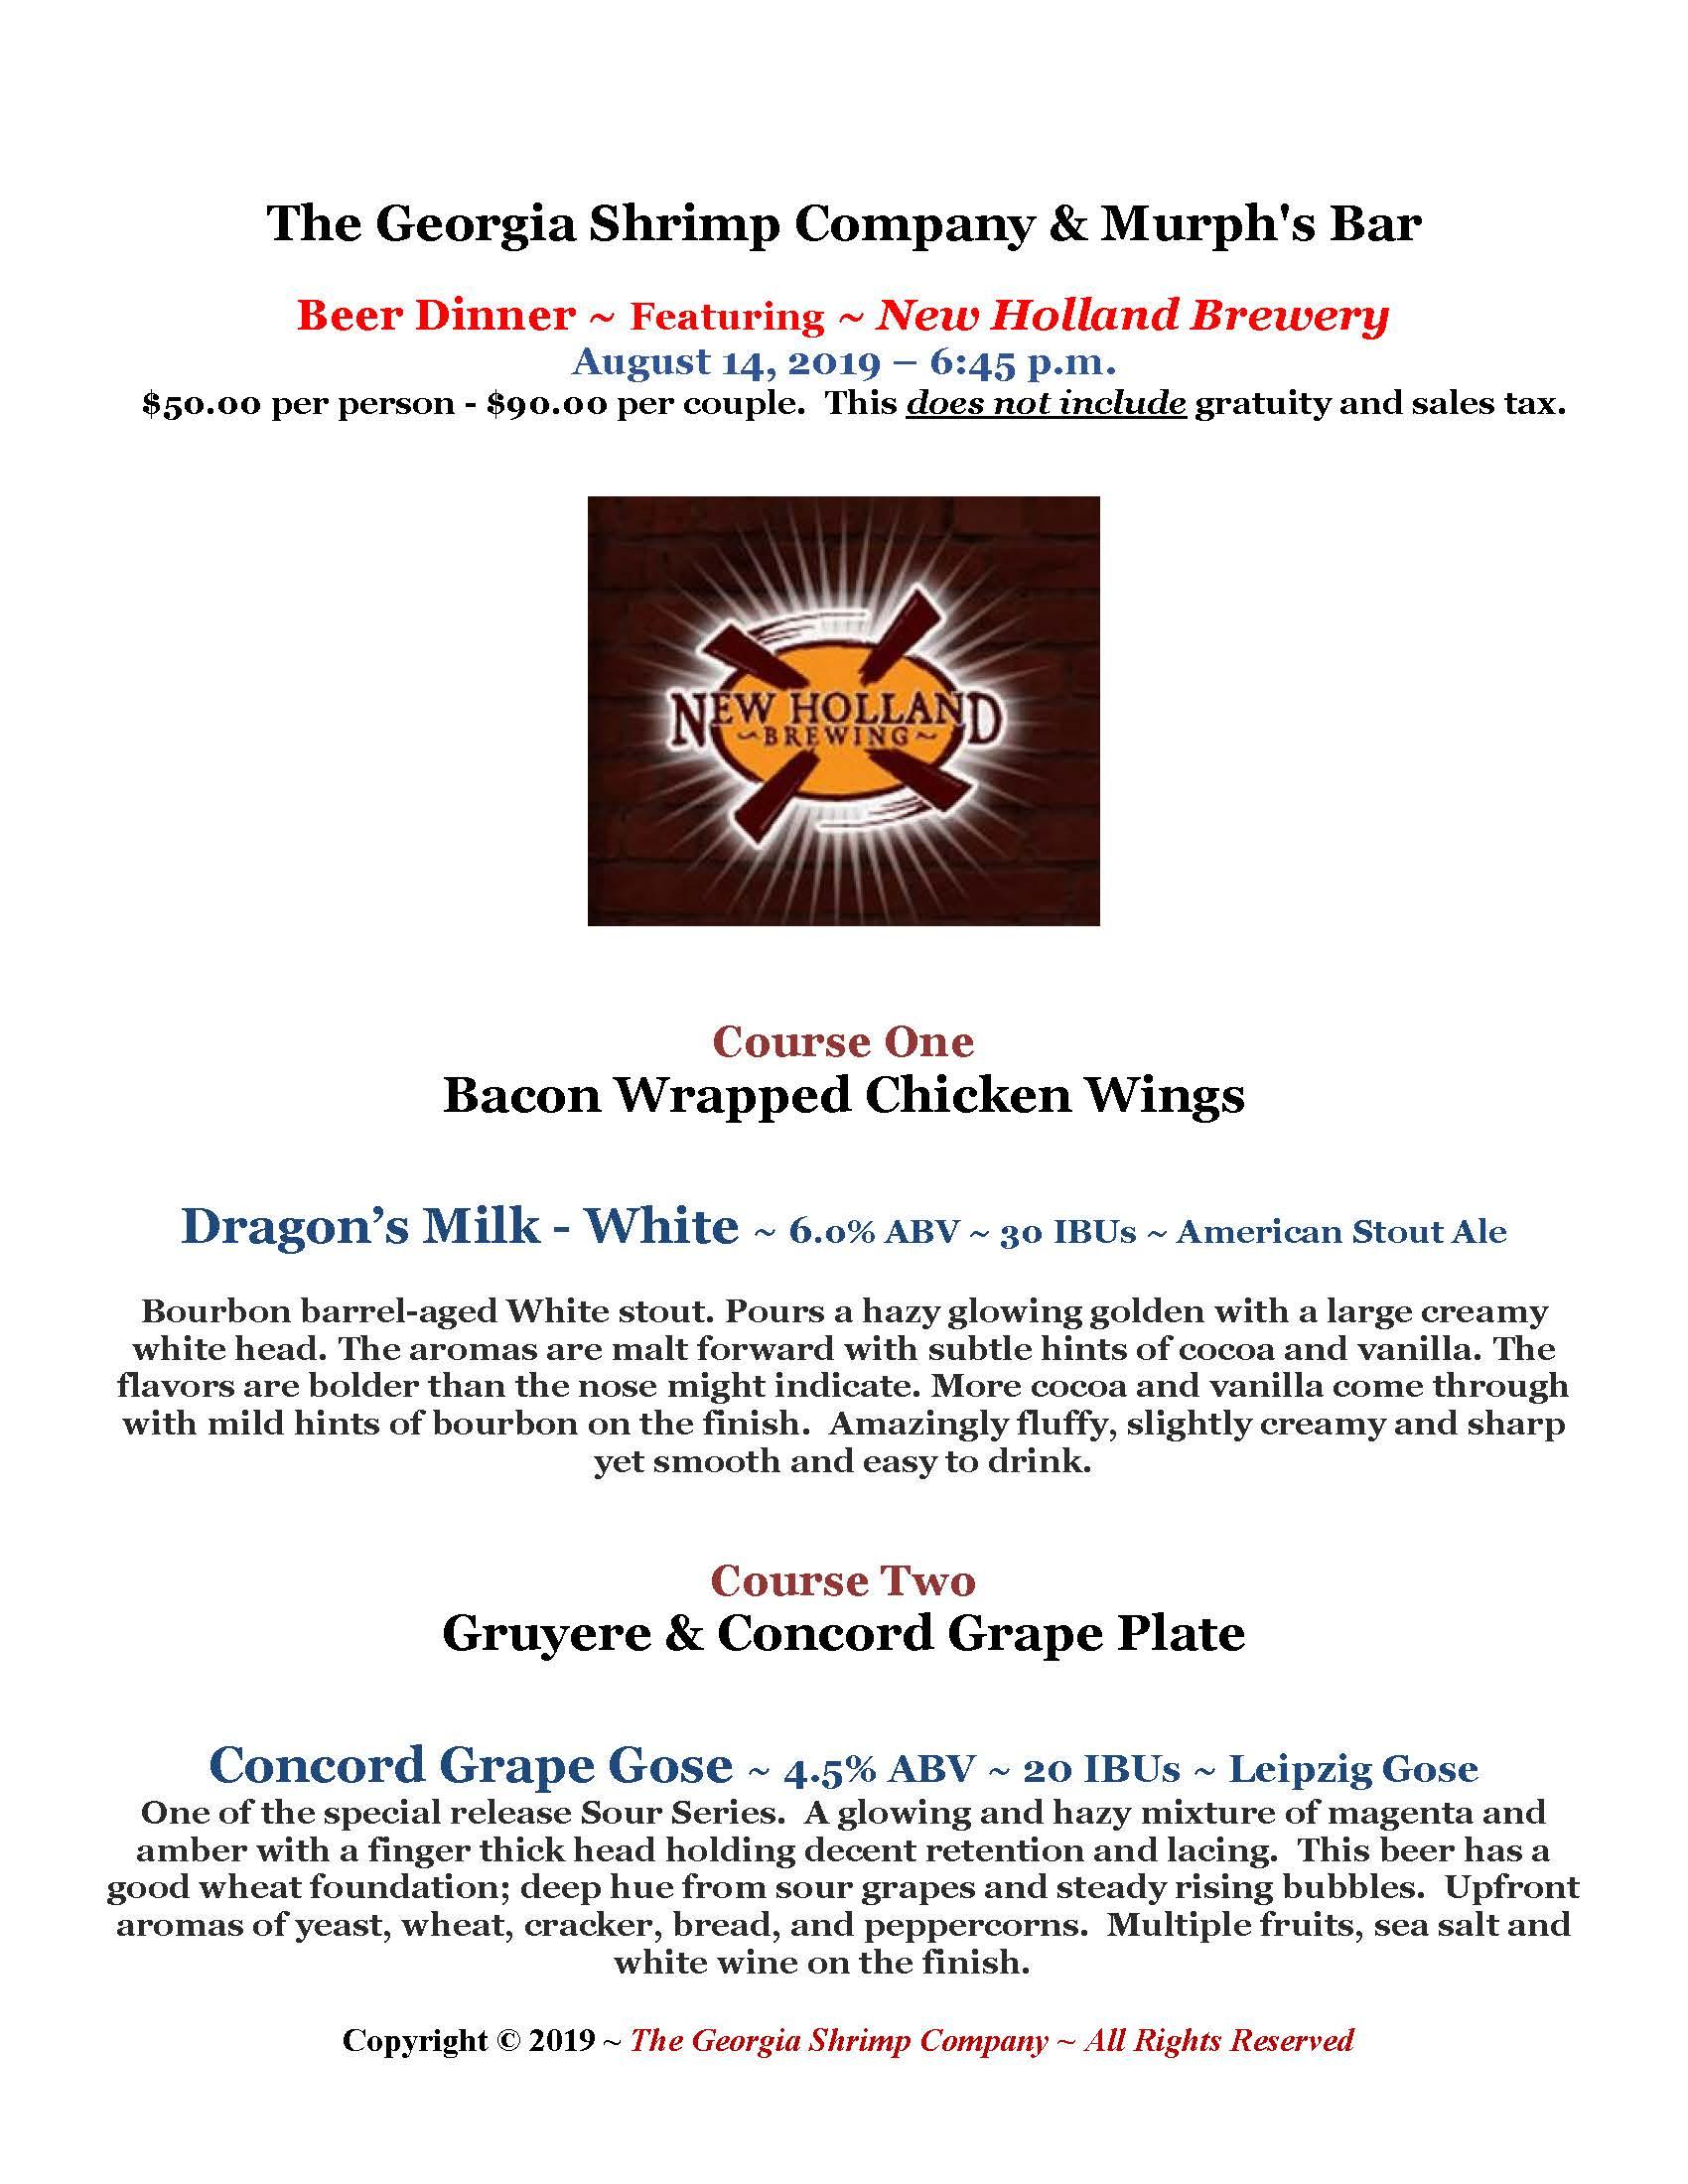 GAS+August Beer Dinner Menu Pairings  Beer Descriptions-080819-Draft_Page_1.jpg